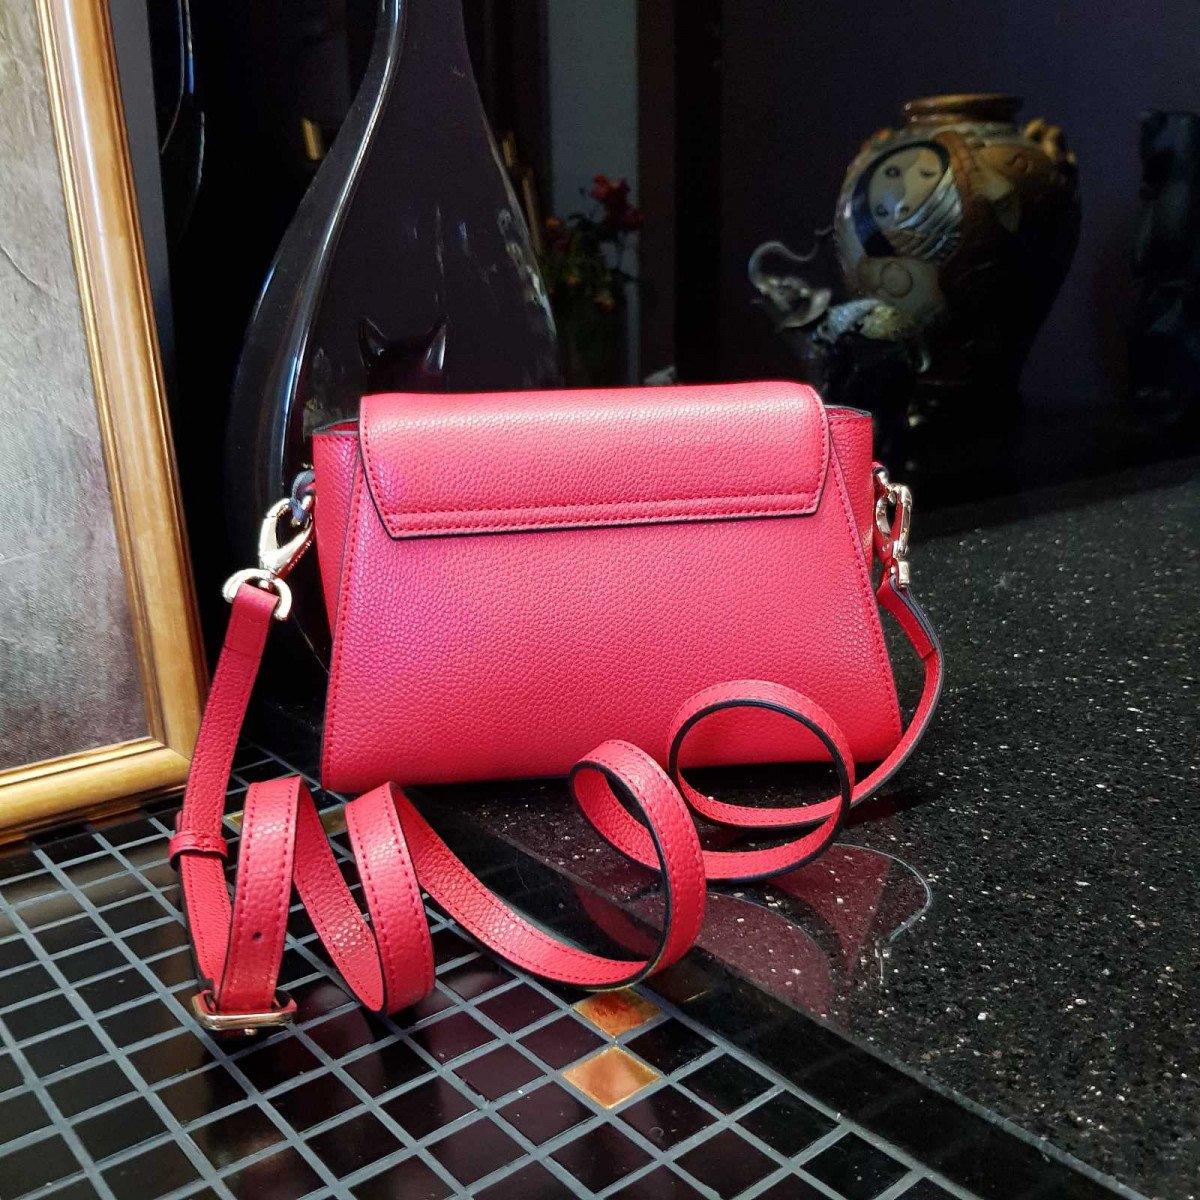 Кожаная женская сумка LA Martina 41W418 P0085 true red из натуральной кожи из натуральной кожи